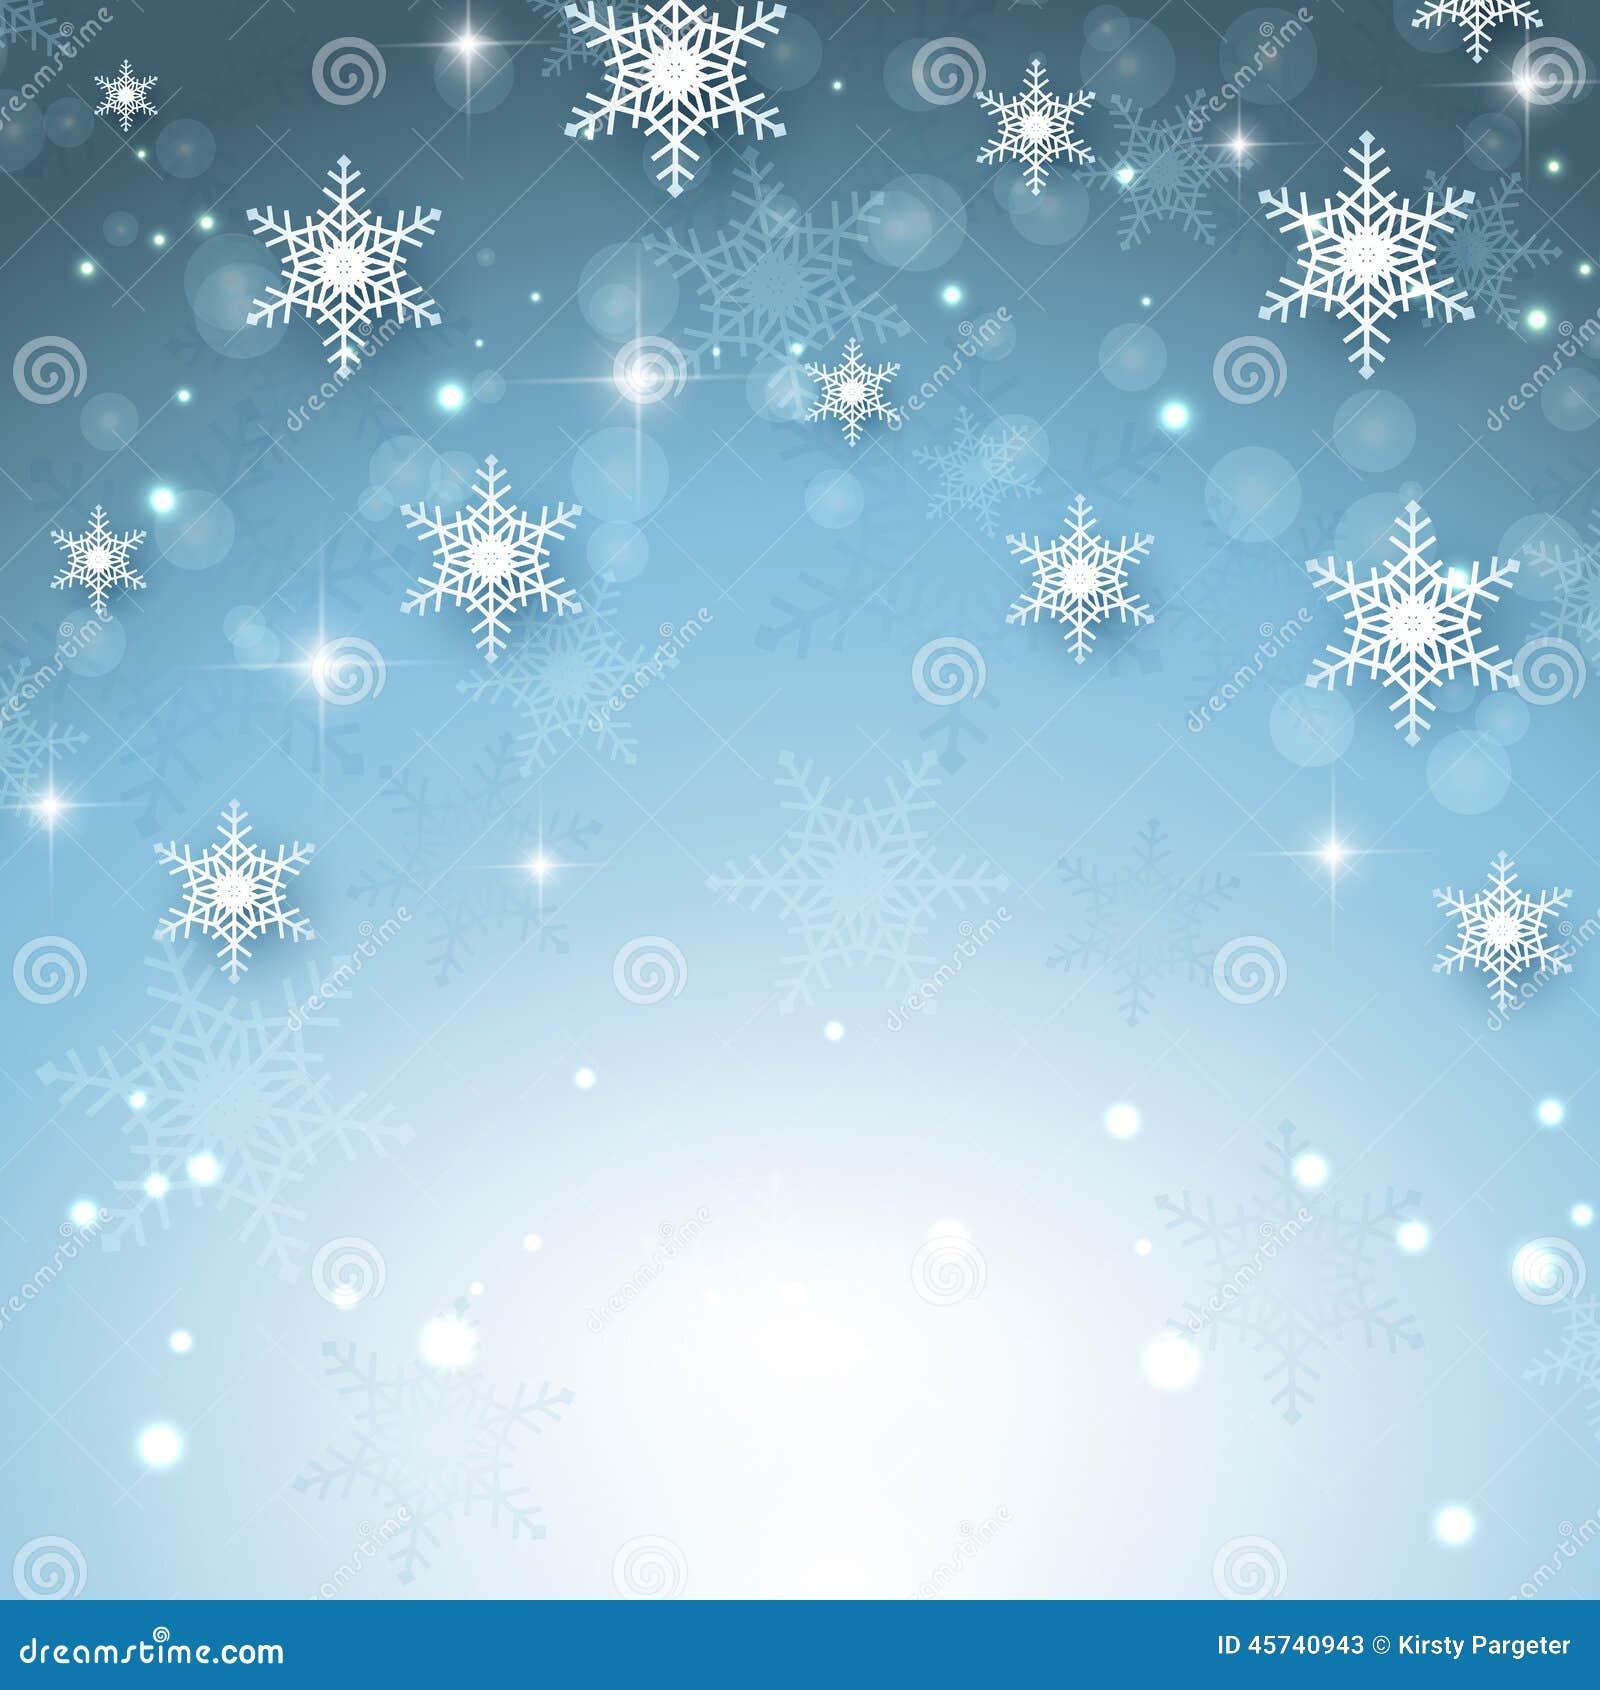 Weihnachtsbilder Mit Text.Mehr Weihnachtsbilder In Meinem Portefeuille Vektor Abbildung